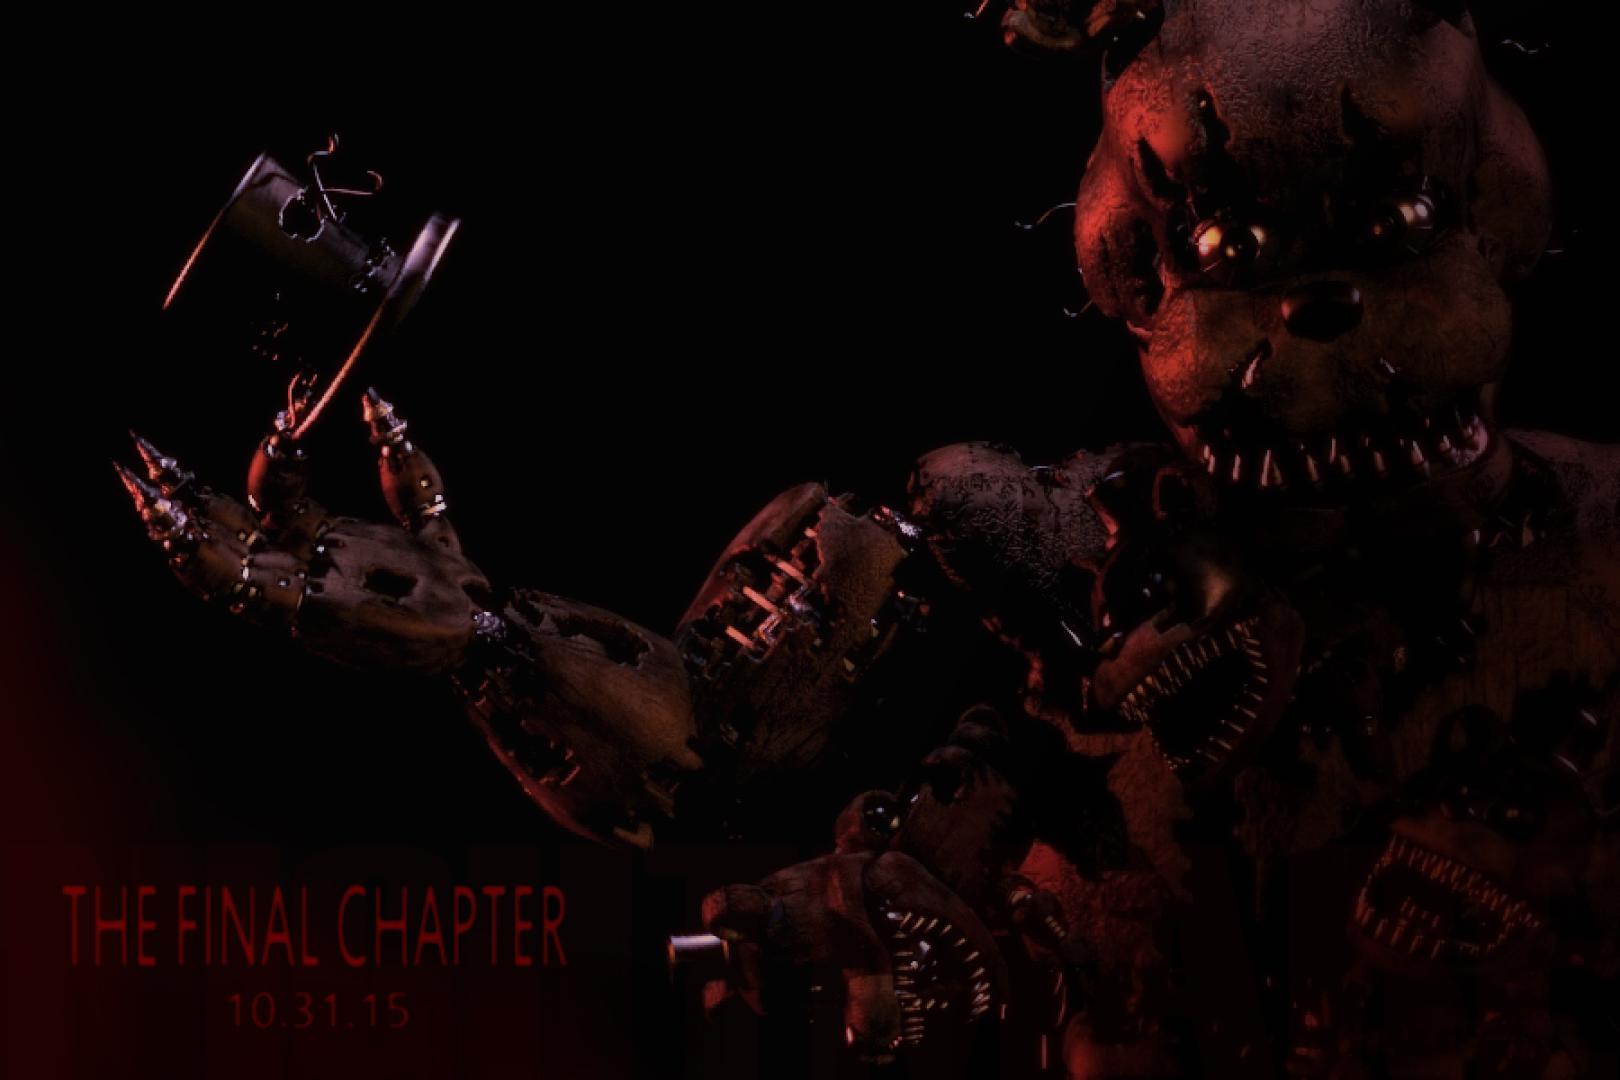 Halloweenkor érkezik a Five Nights at Freddy negyedik része